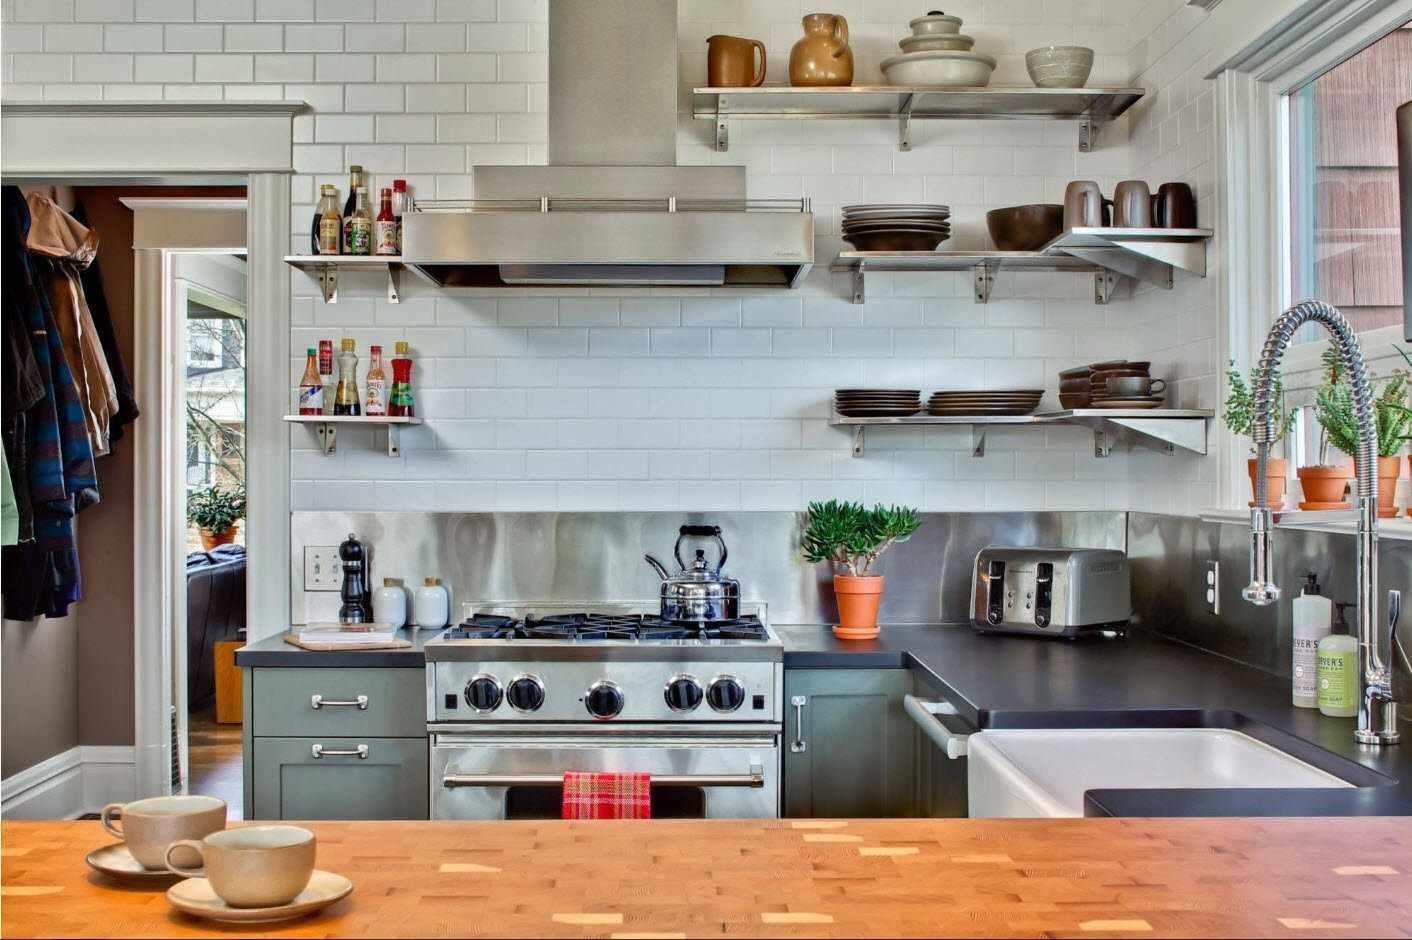 Навесные открытые полки в пространстве кухни над рабочей поверхностью